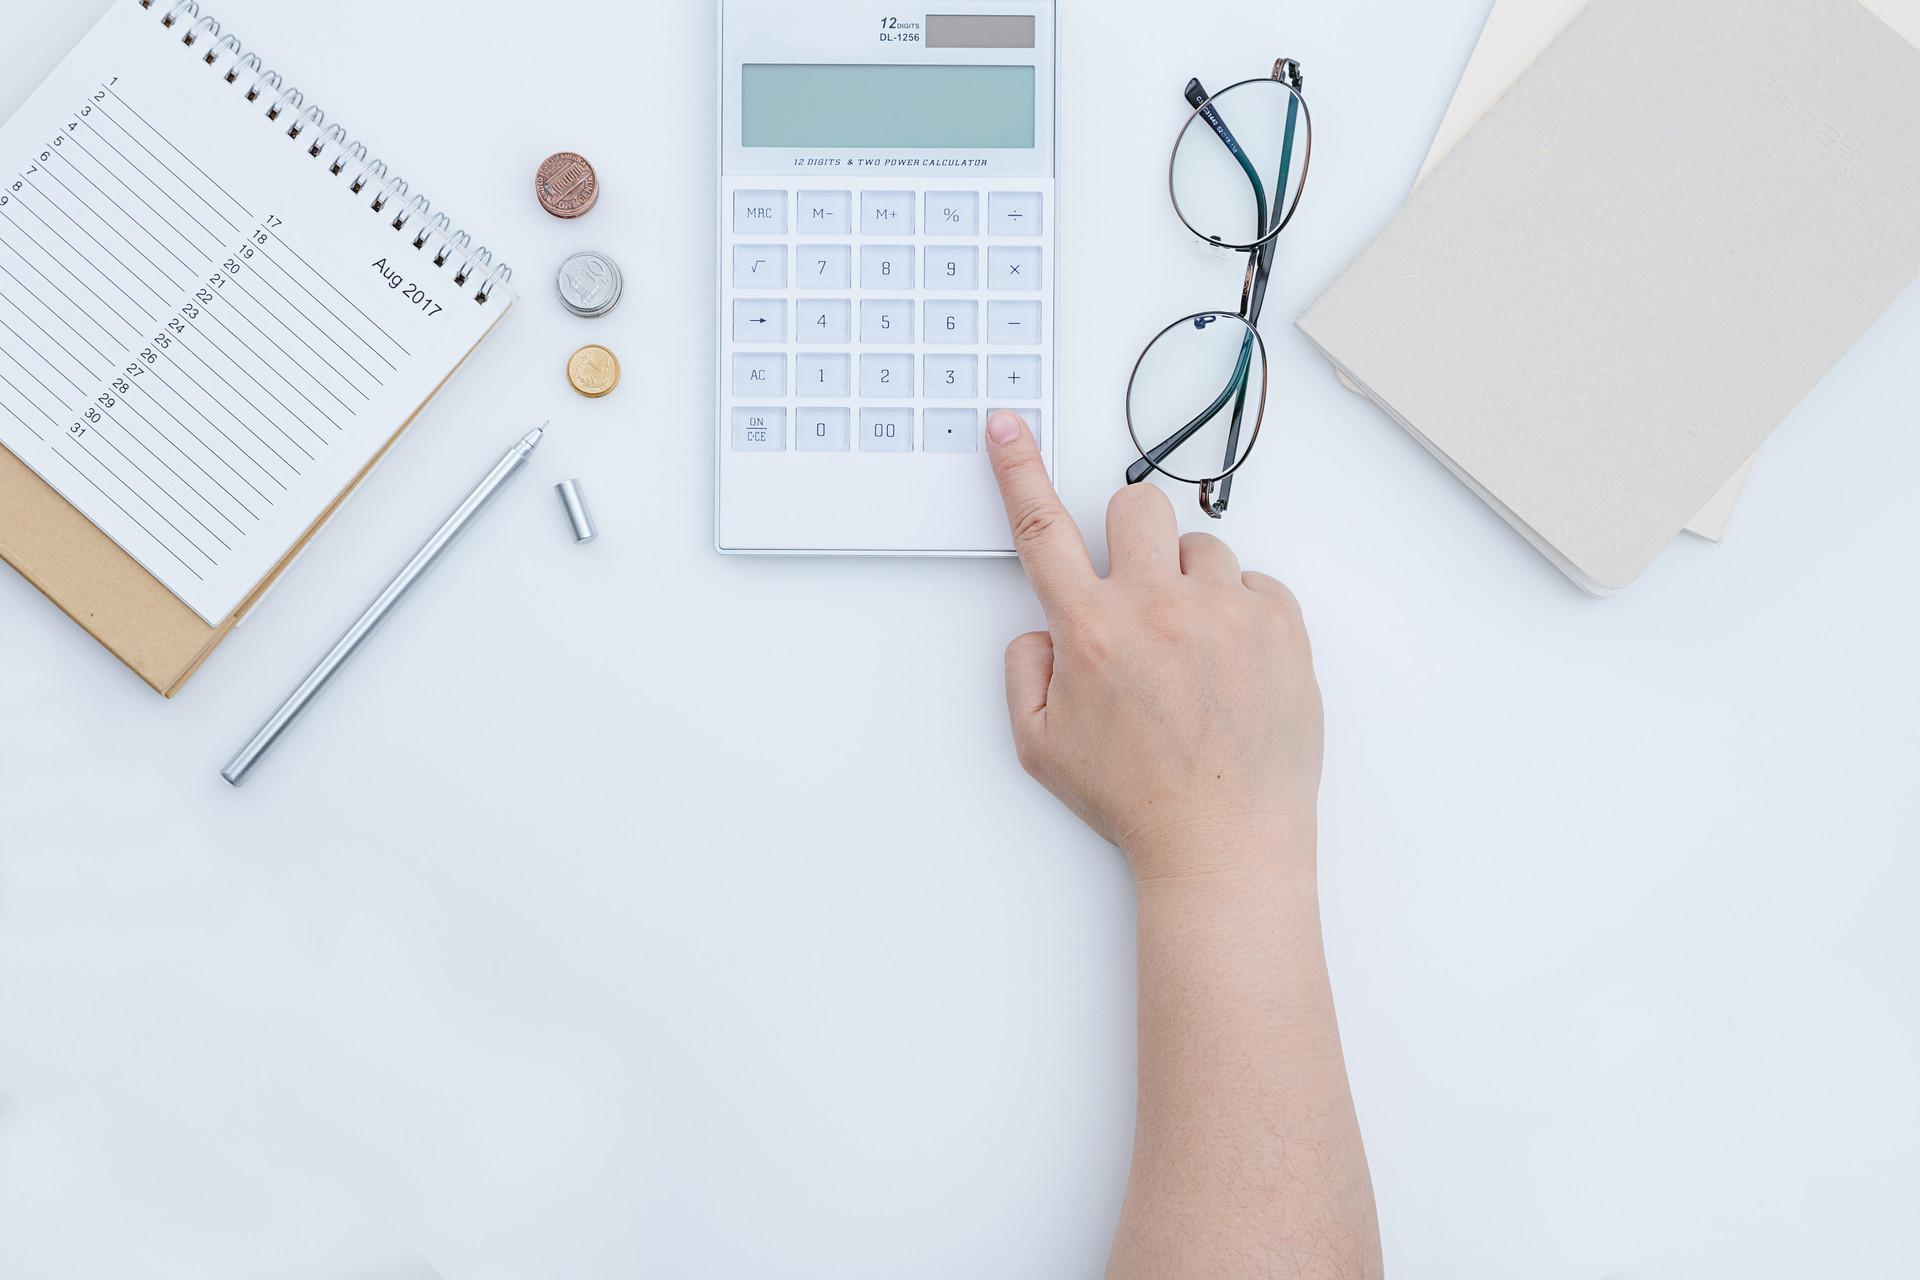 制作工资条软件如何找到好用的?看看软件符不符合这两个条件就知道了